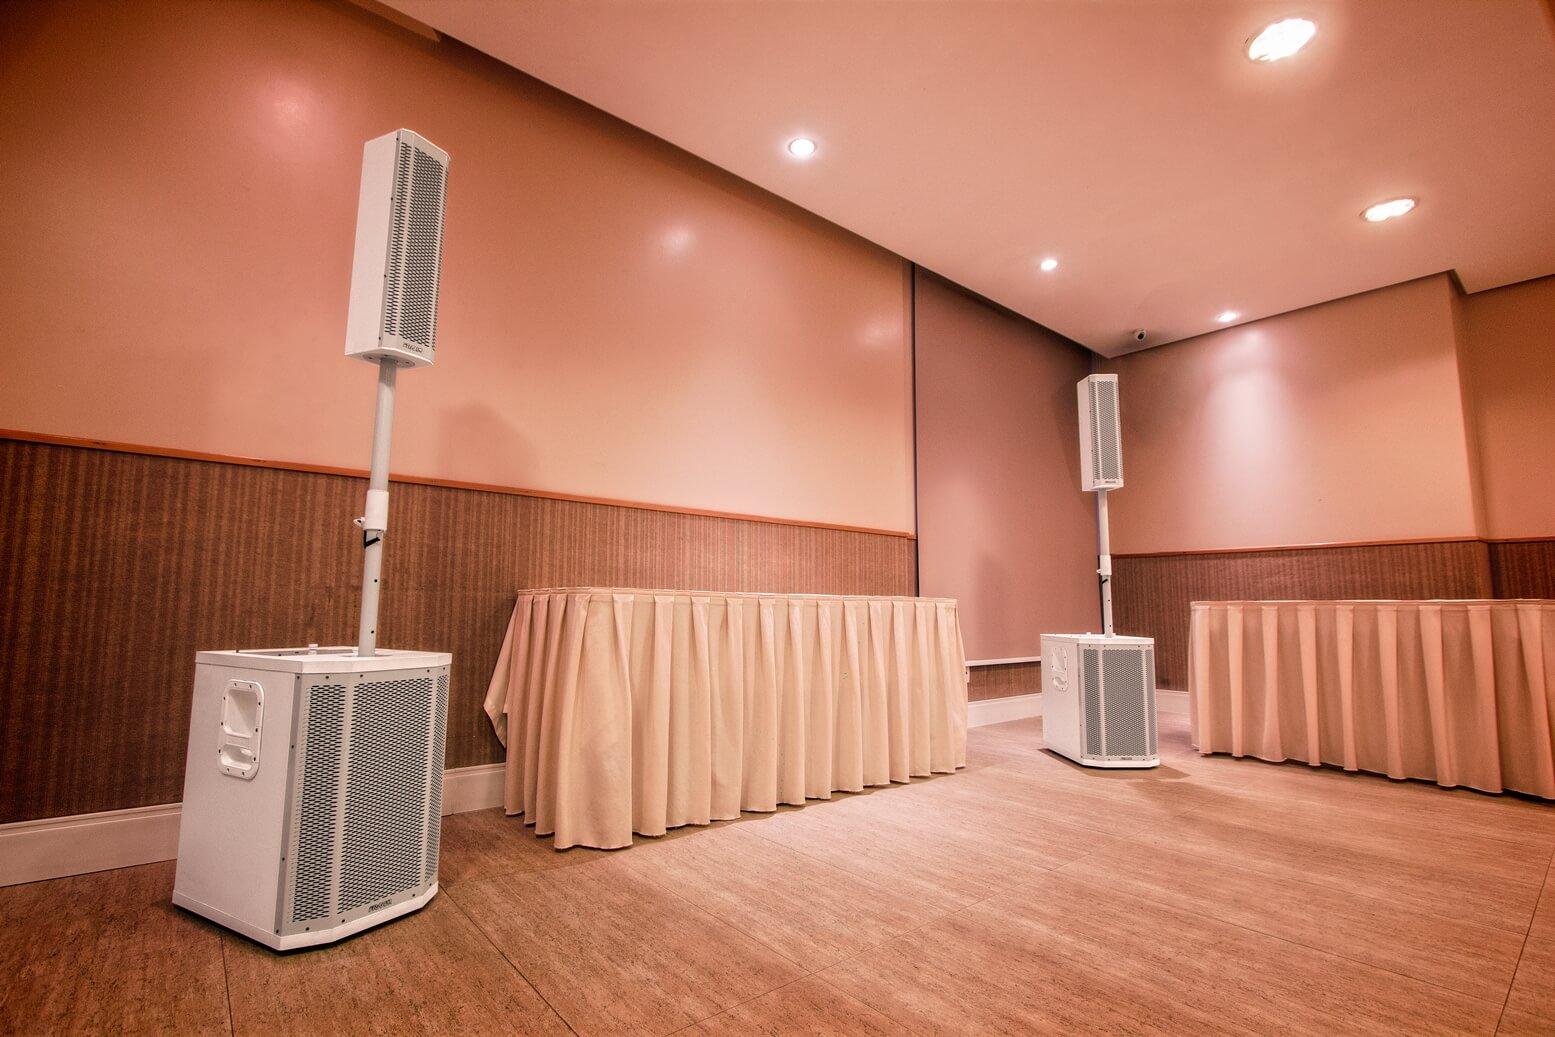 Entenda a importância de pensar em um bom sistema de som para auditório